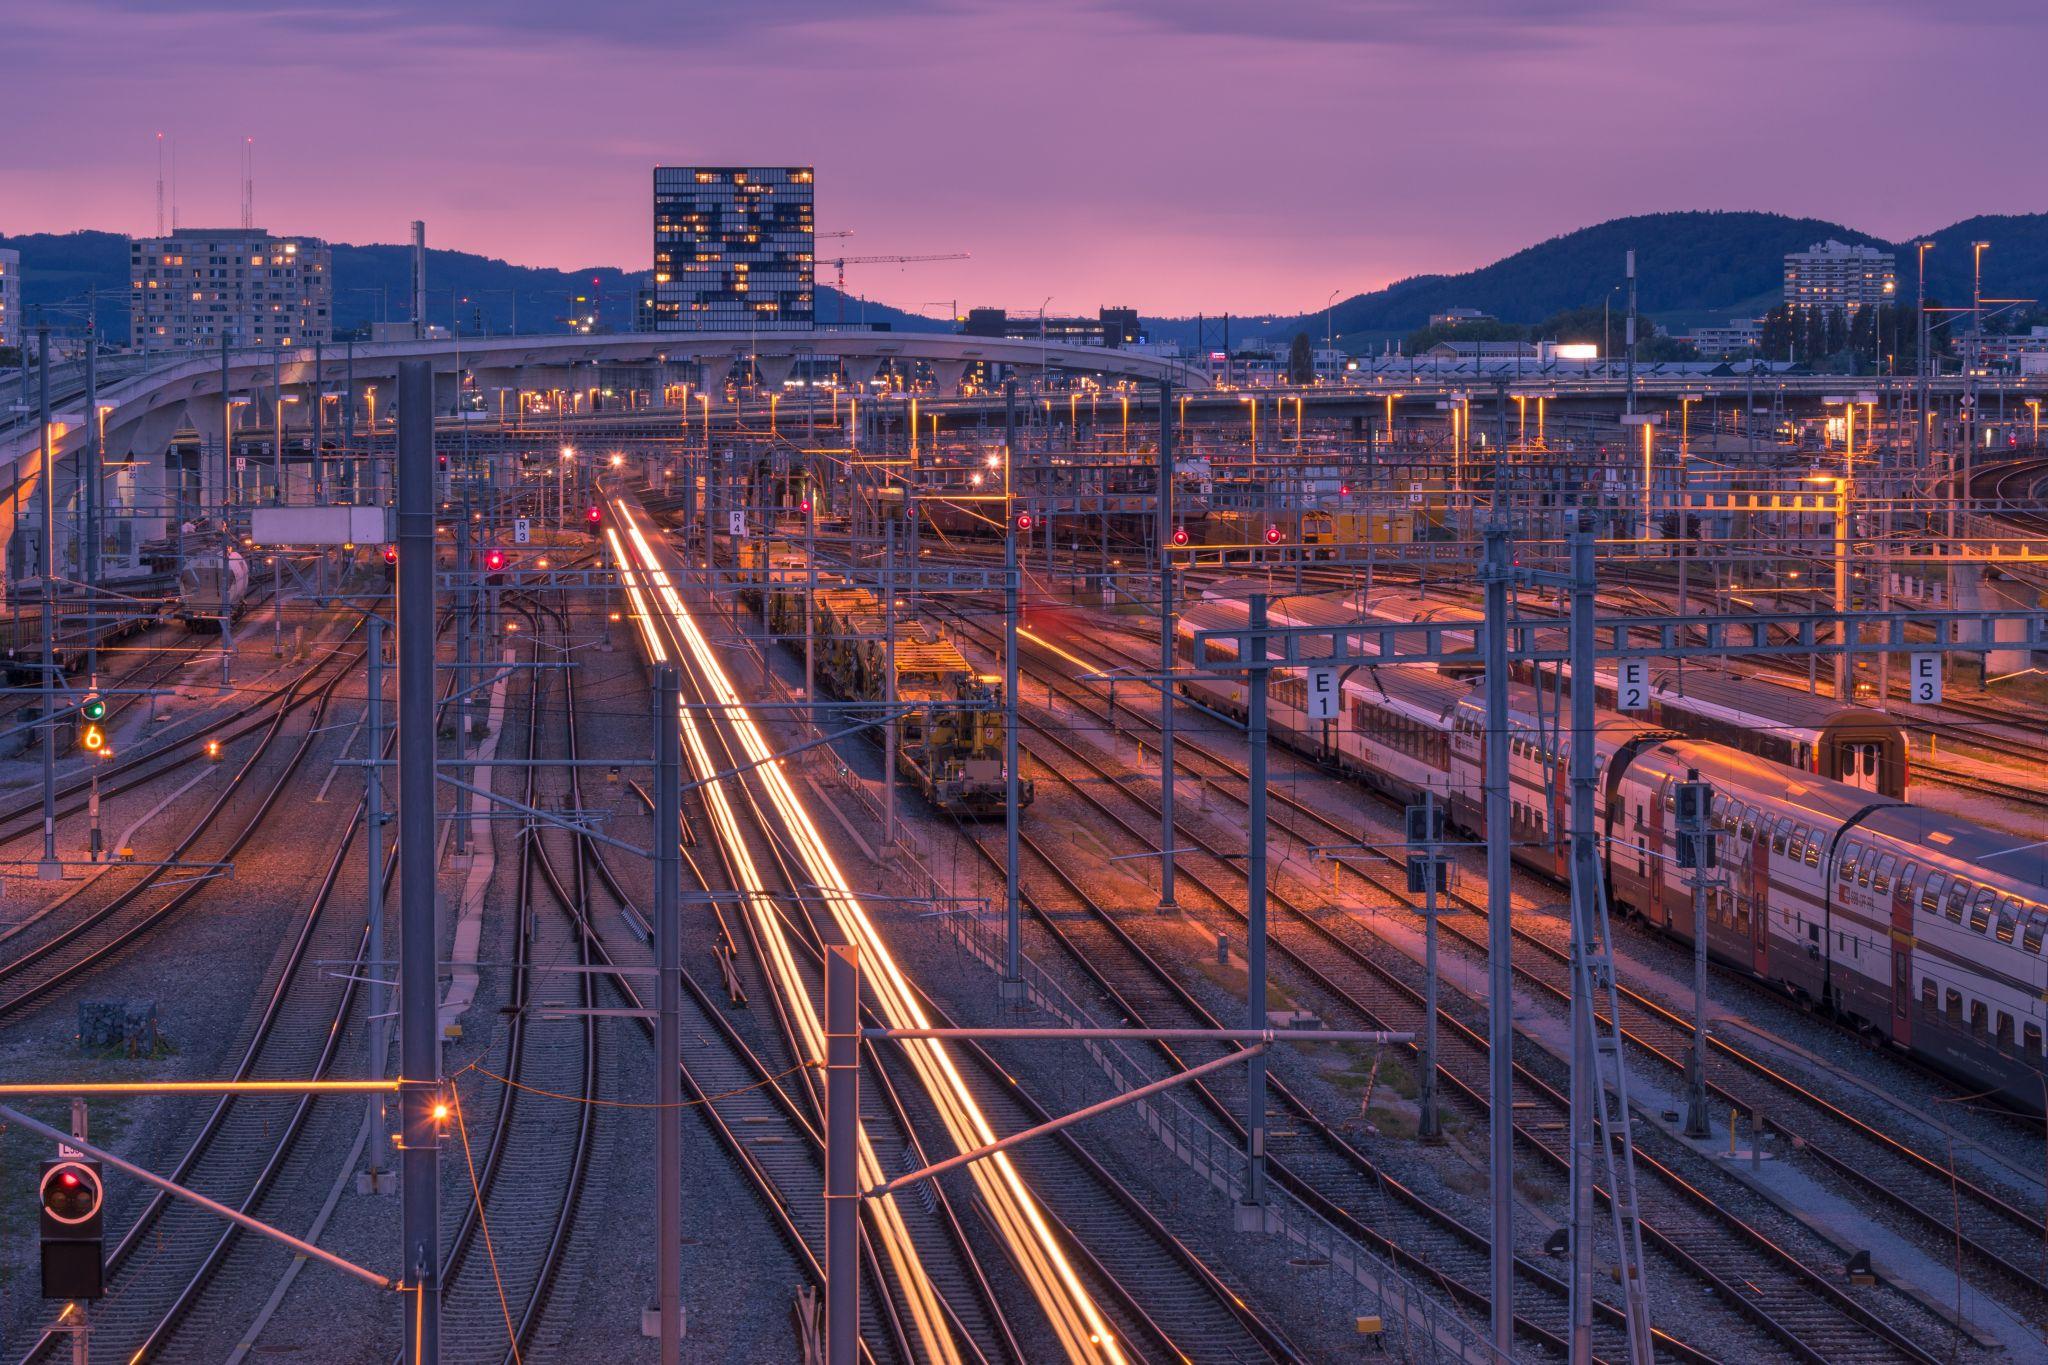 Zurich train tracks, Switzerland